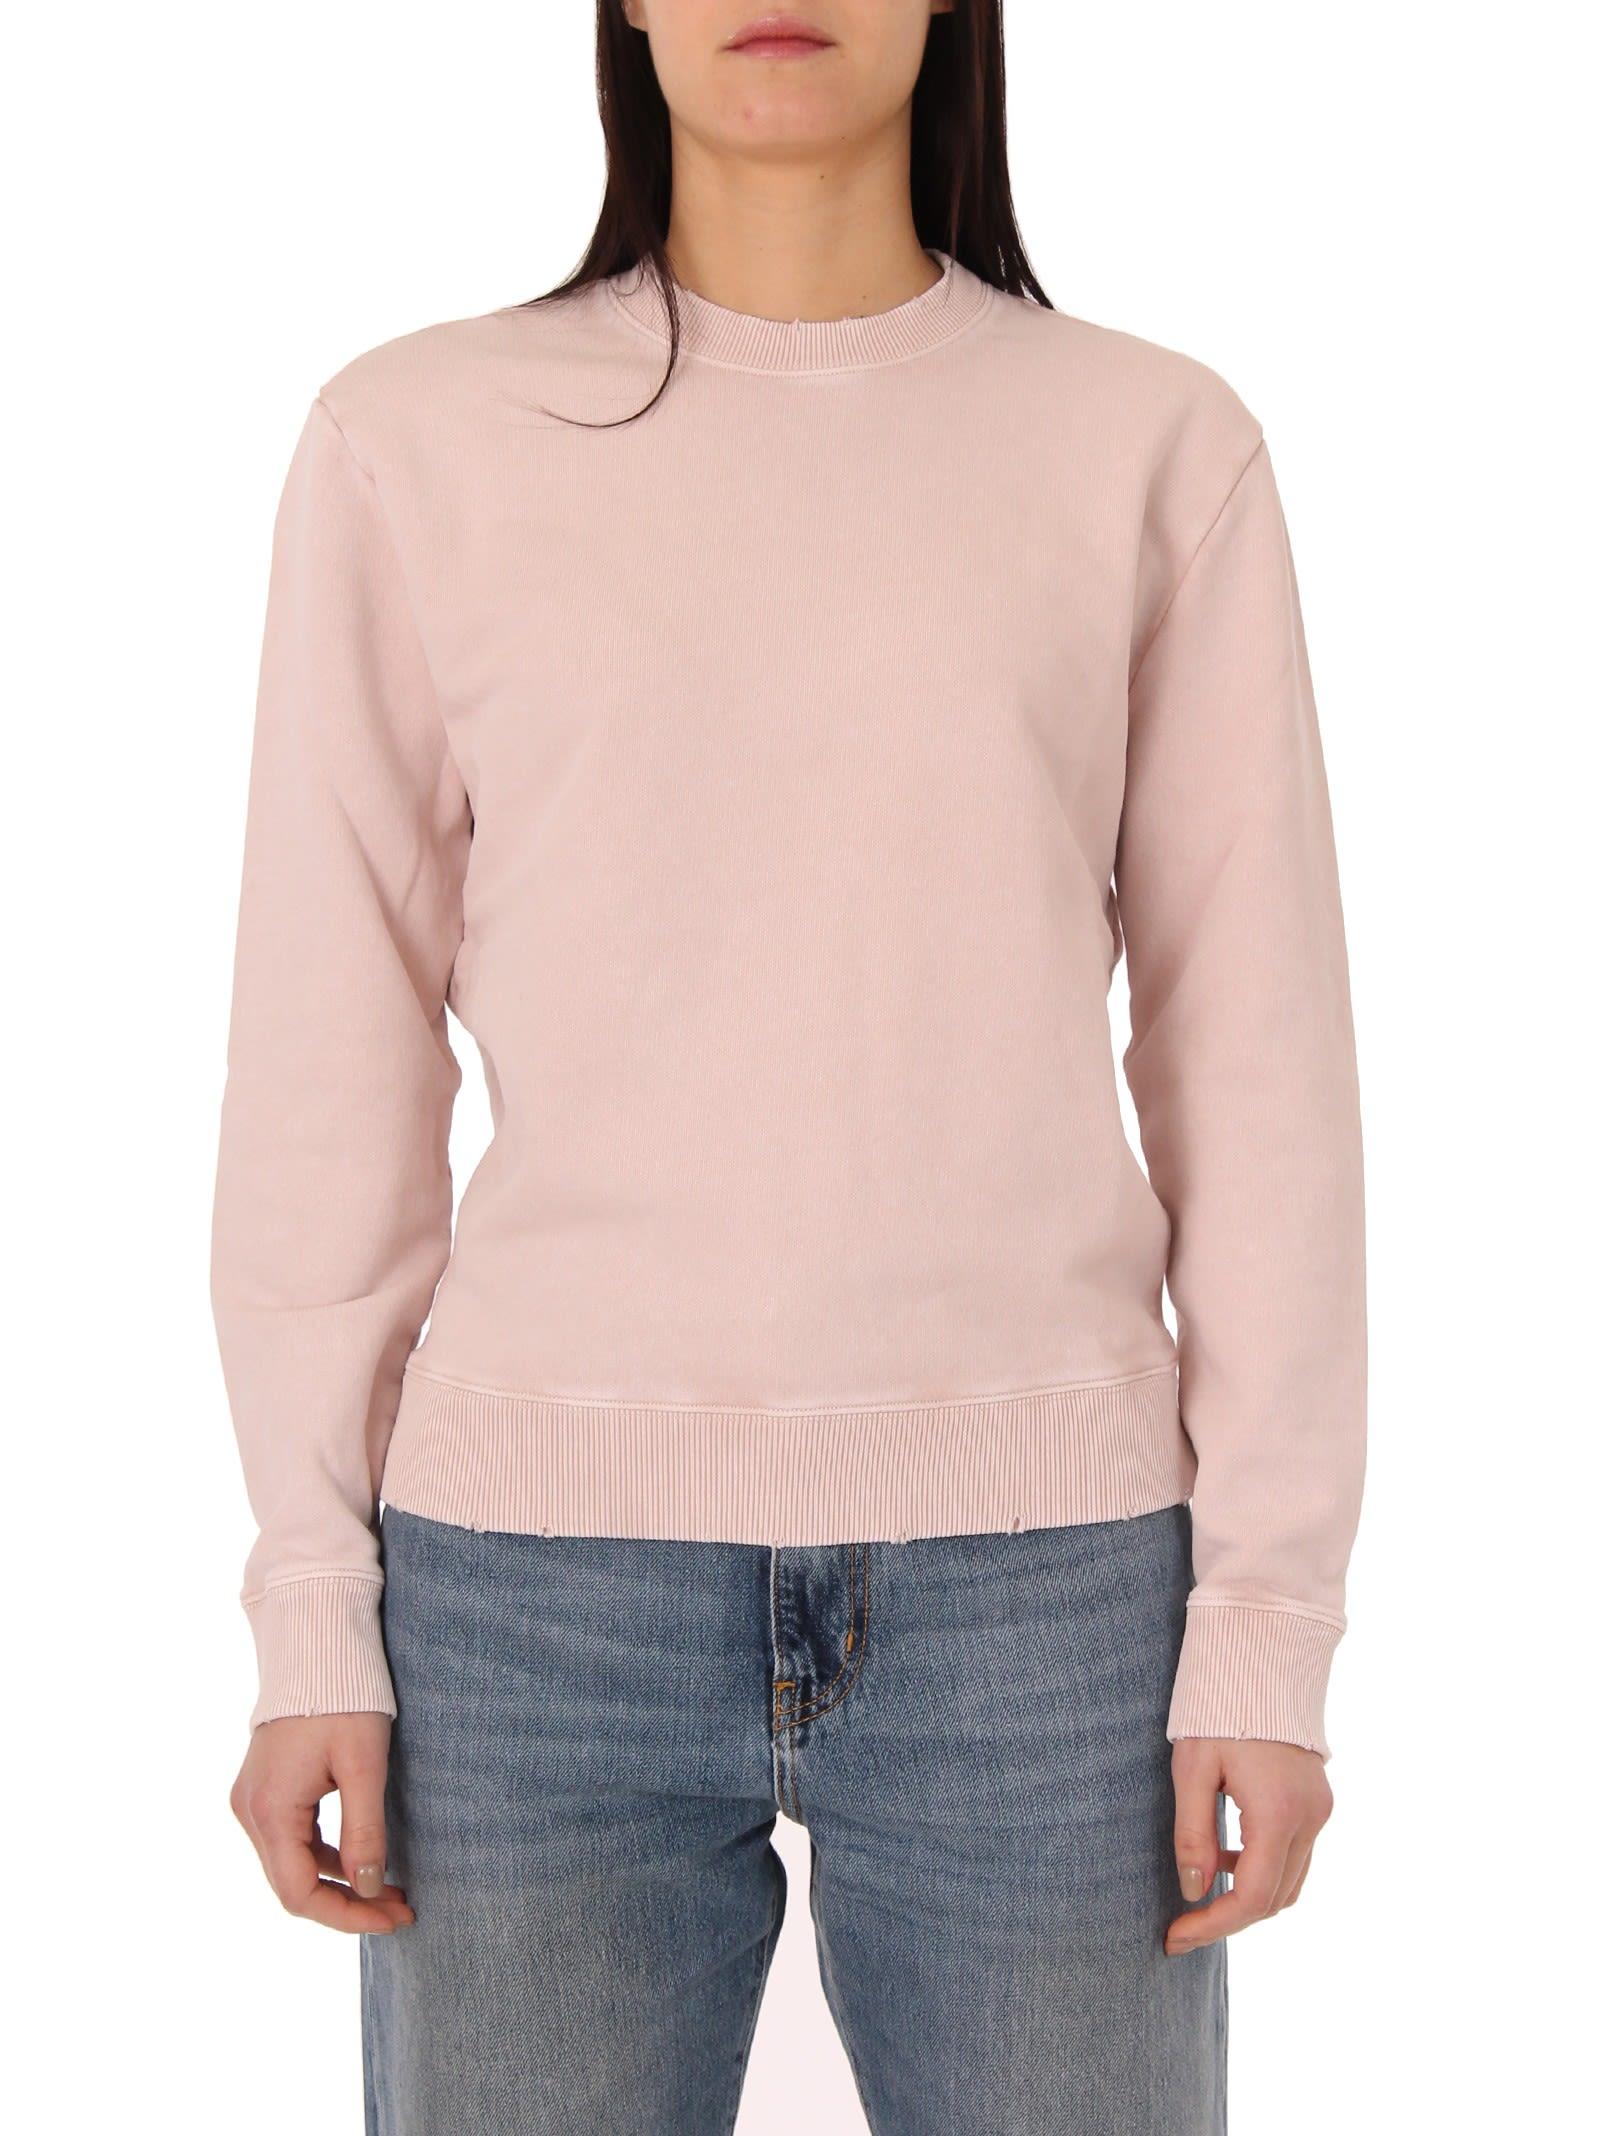 Saint Laurent Pink Sweatshirt